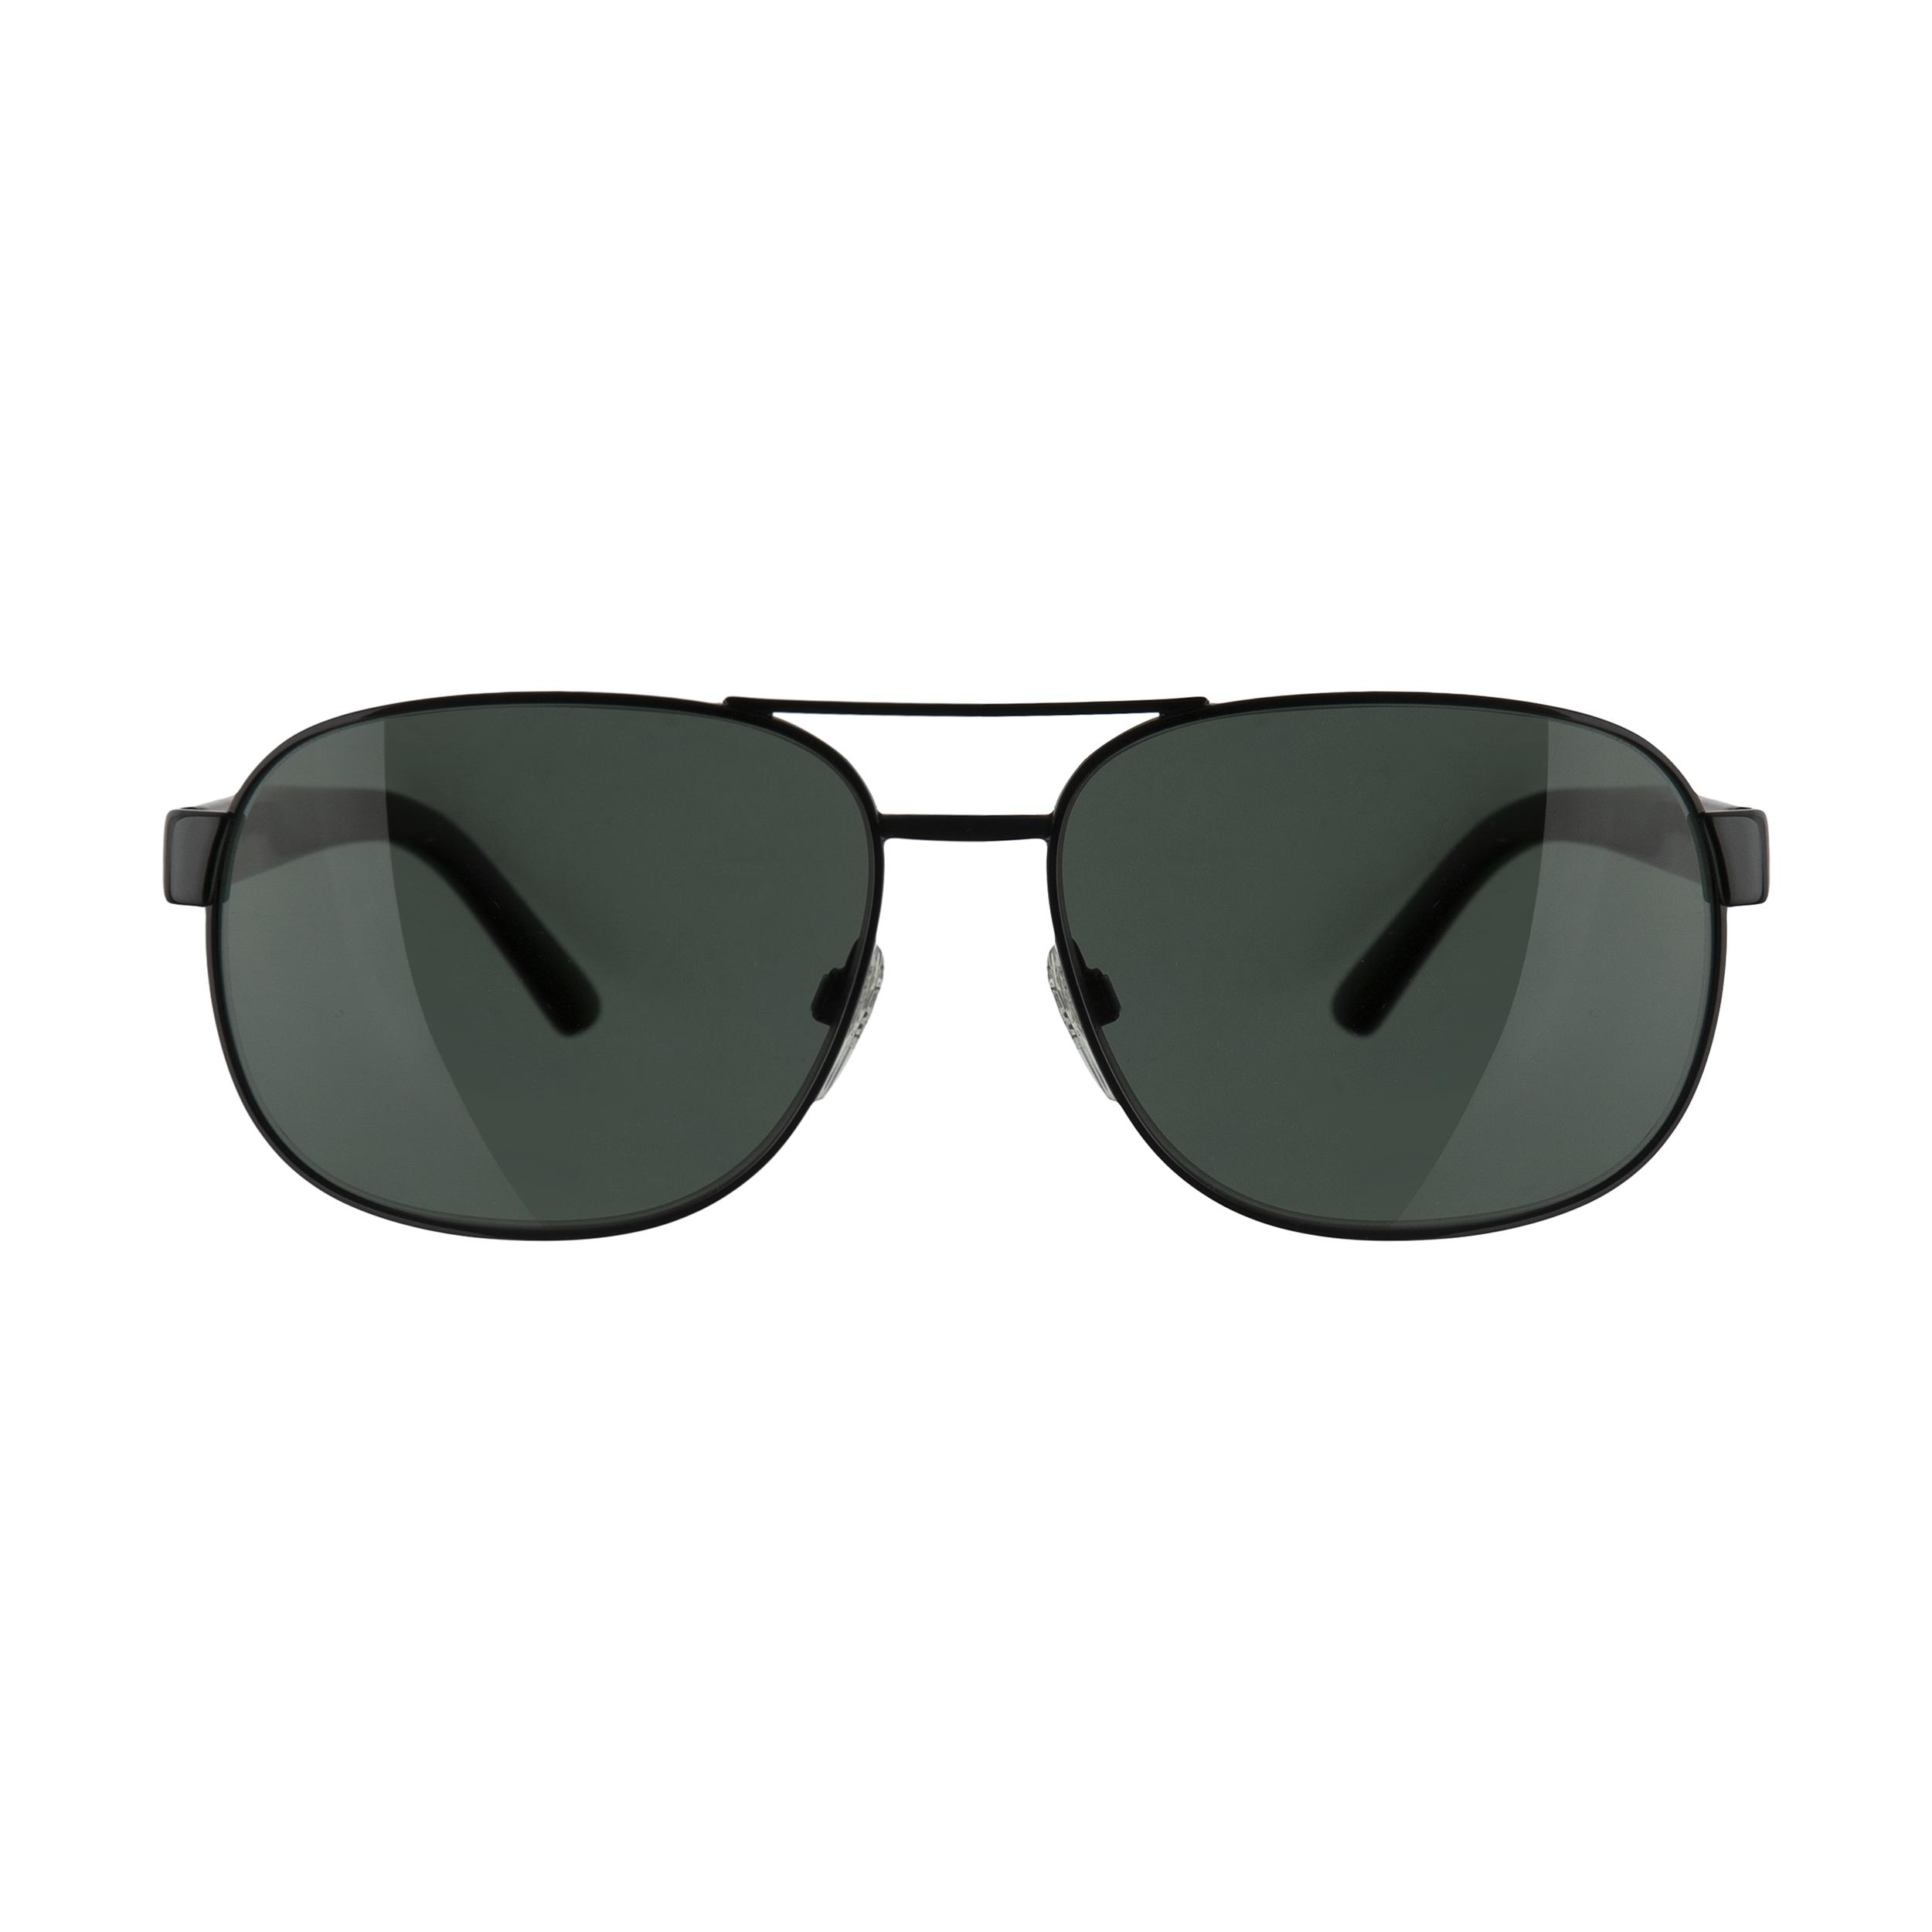 عینک آفتابی زنانه بربری مدل BE 3083S 10015U 59